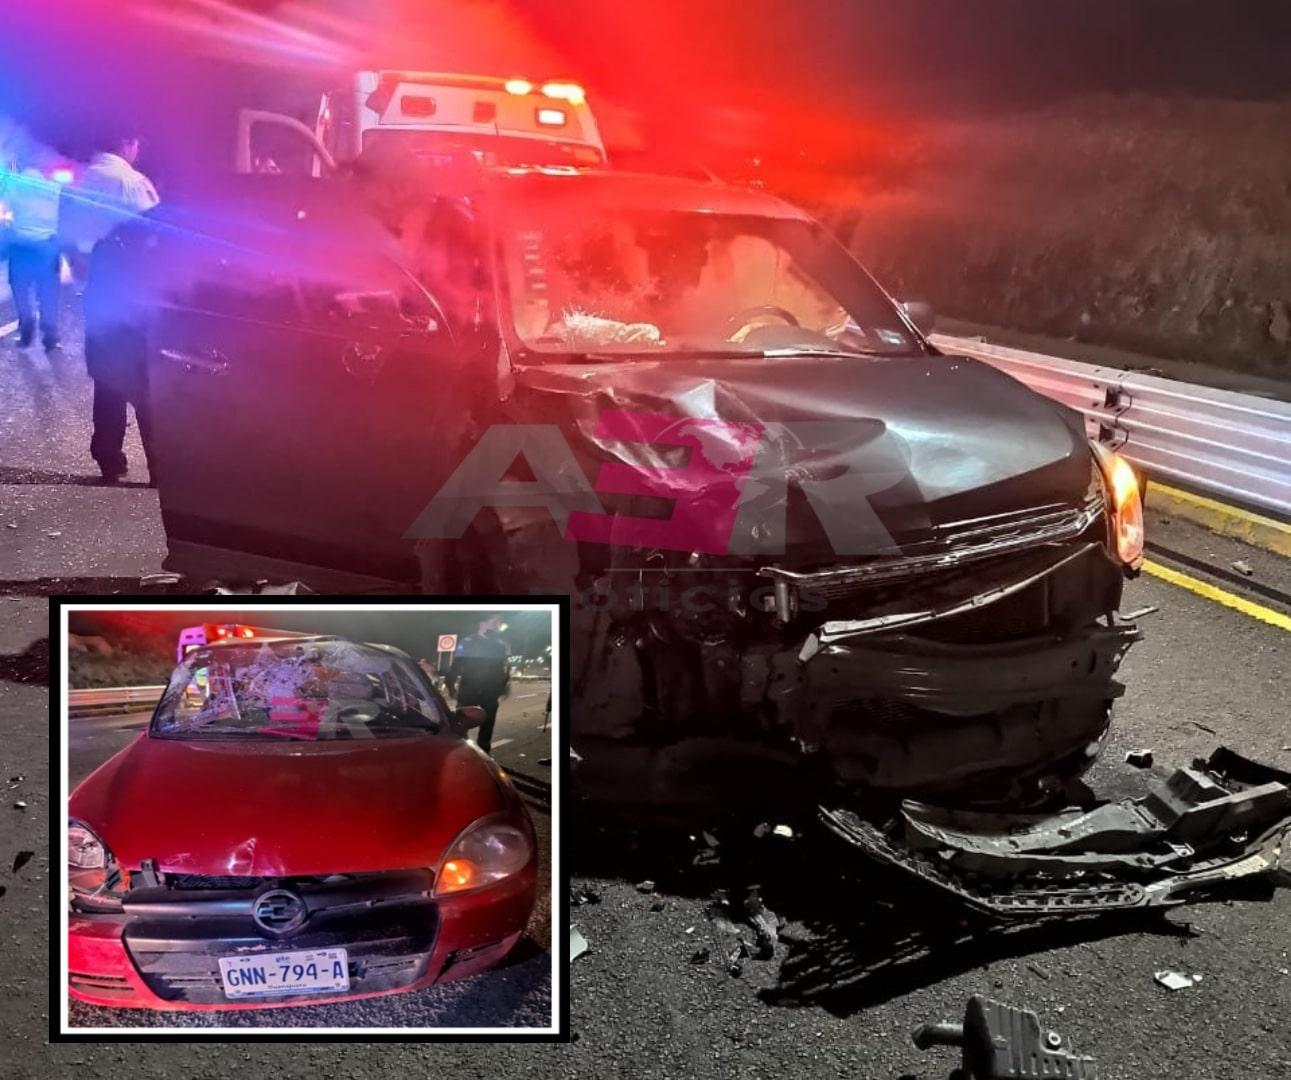 Un lesionado y daños materiales en choque en el Cuarto Cinturón Vial 1